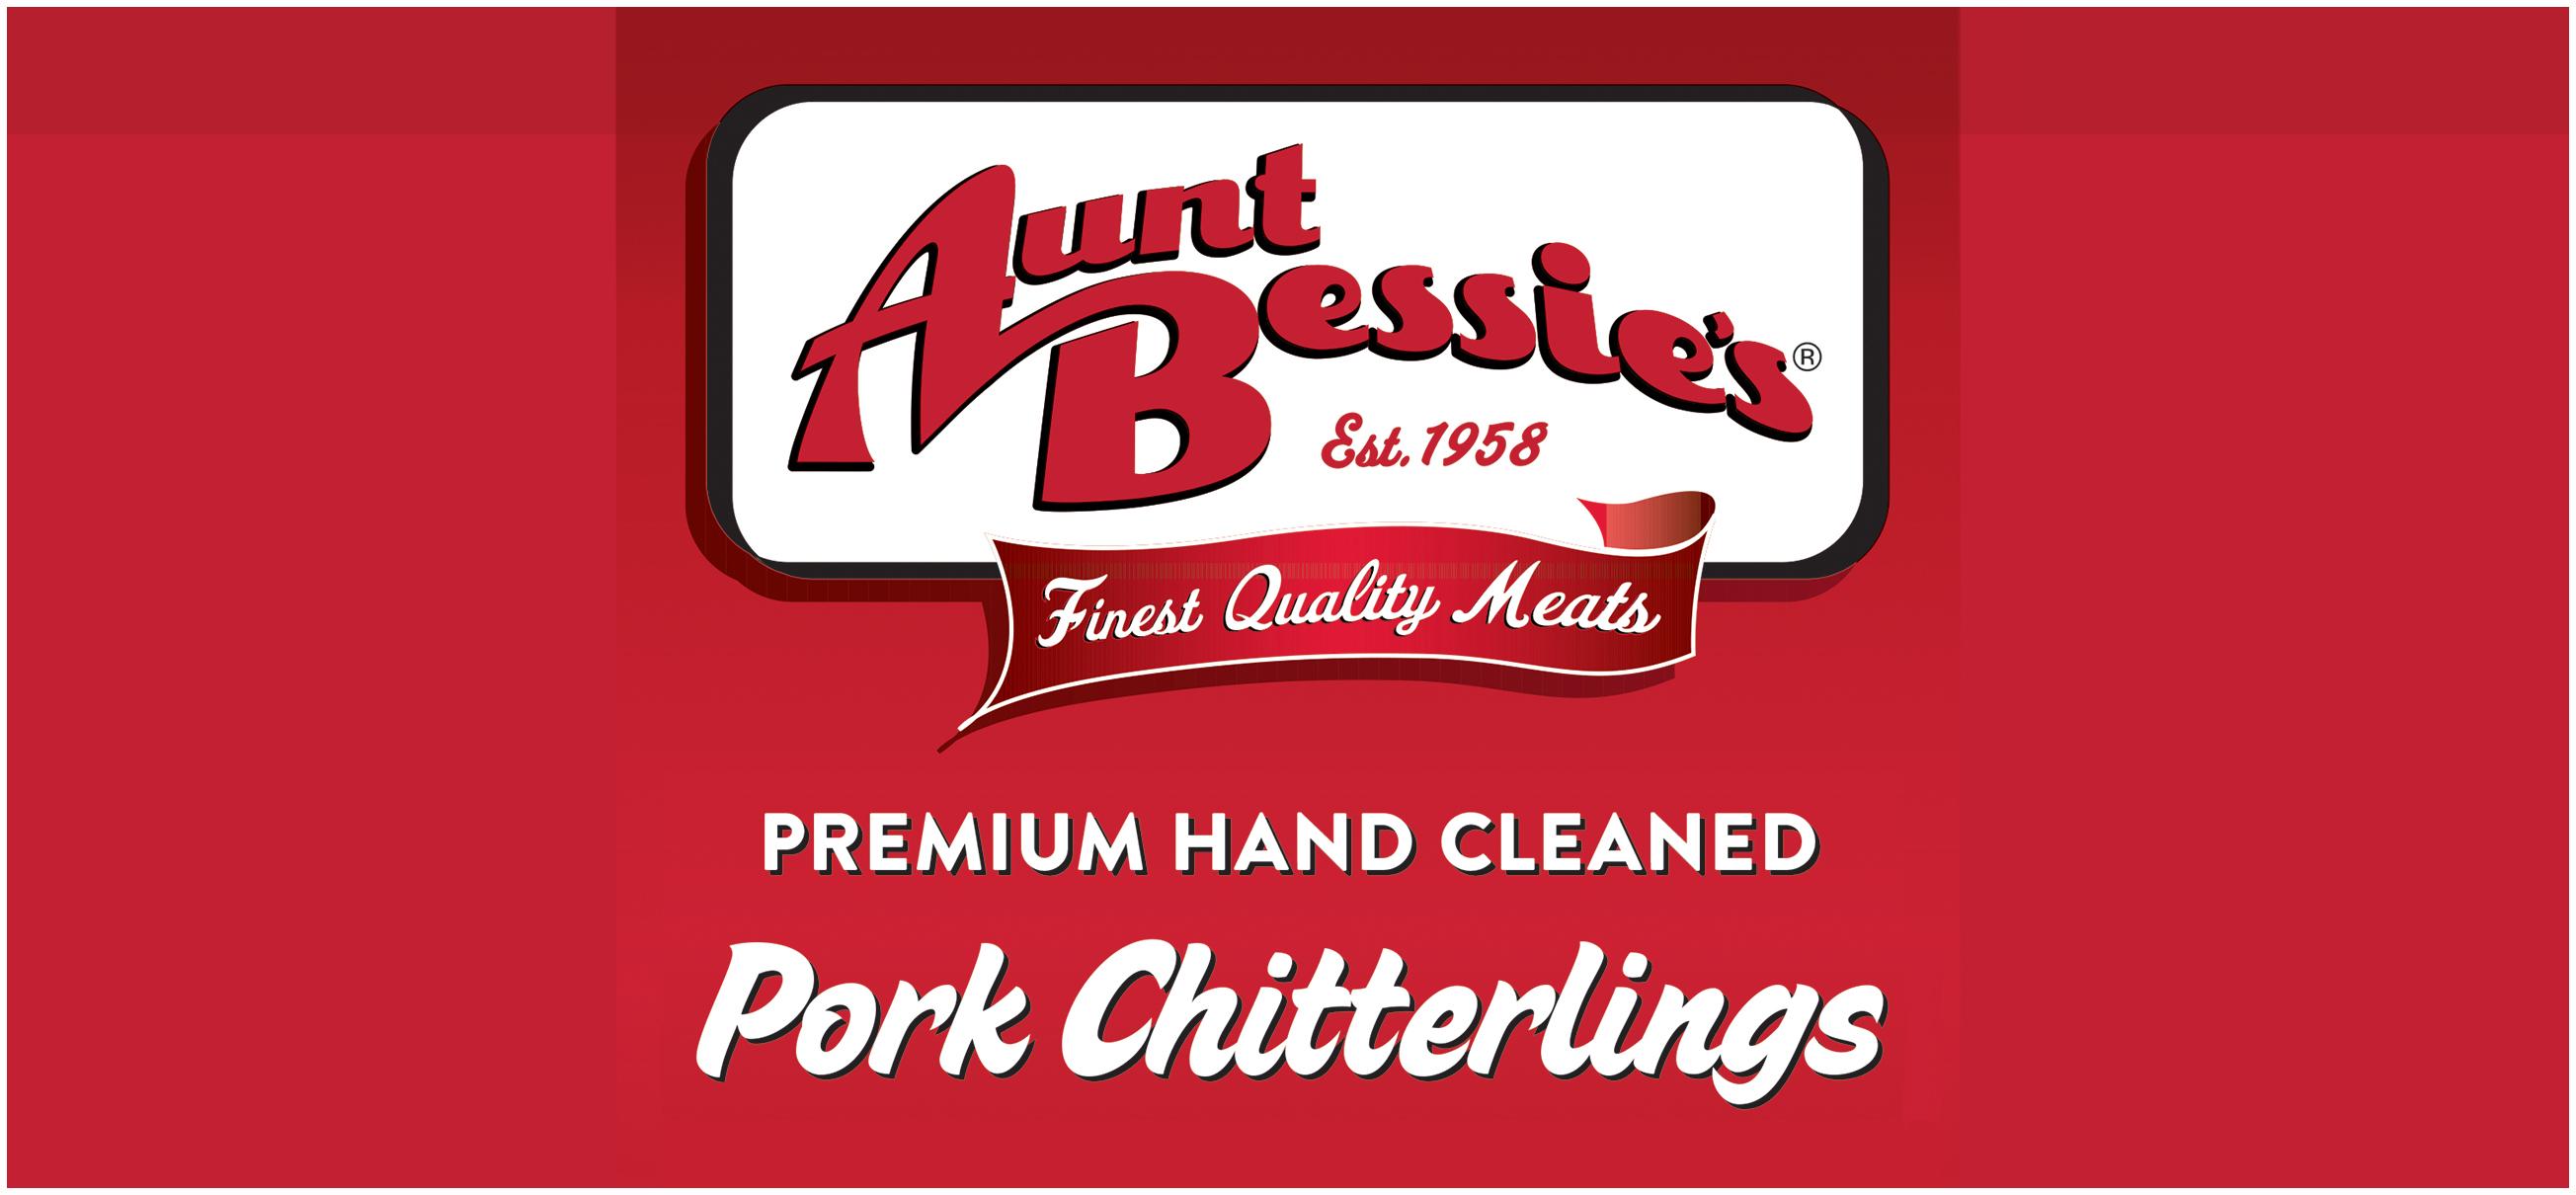 Premium Hand Cleaned Pork Chitterlings